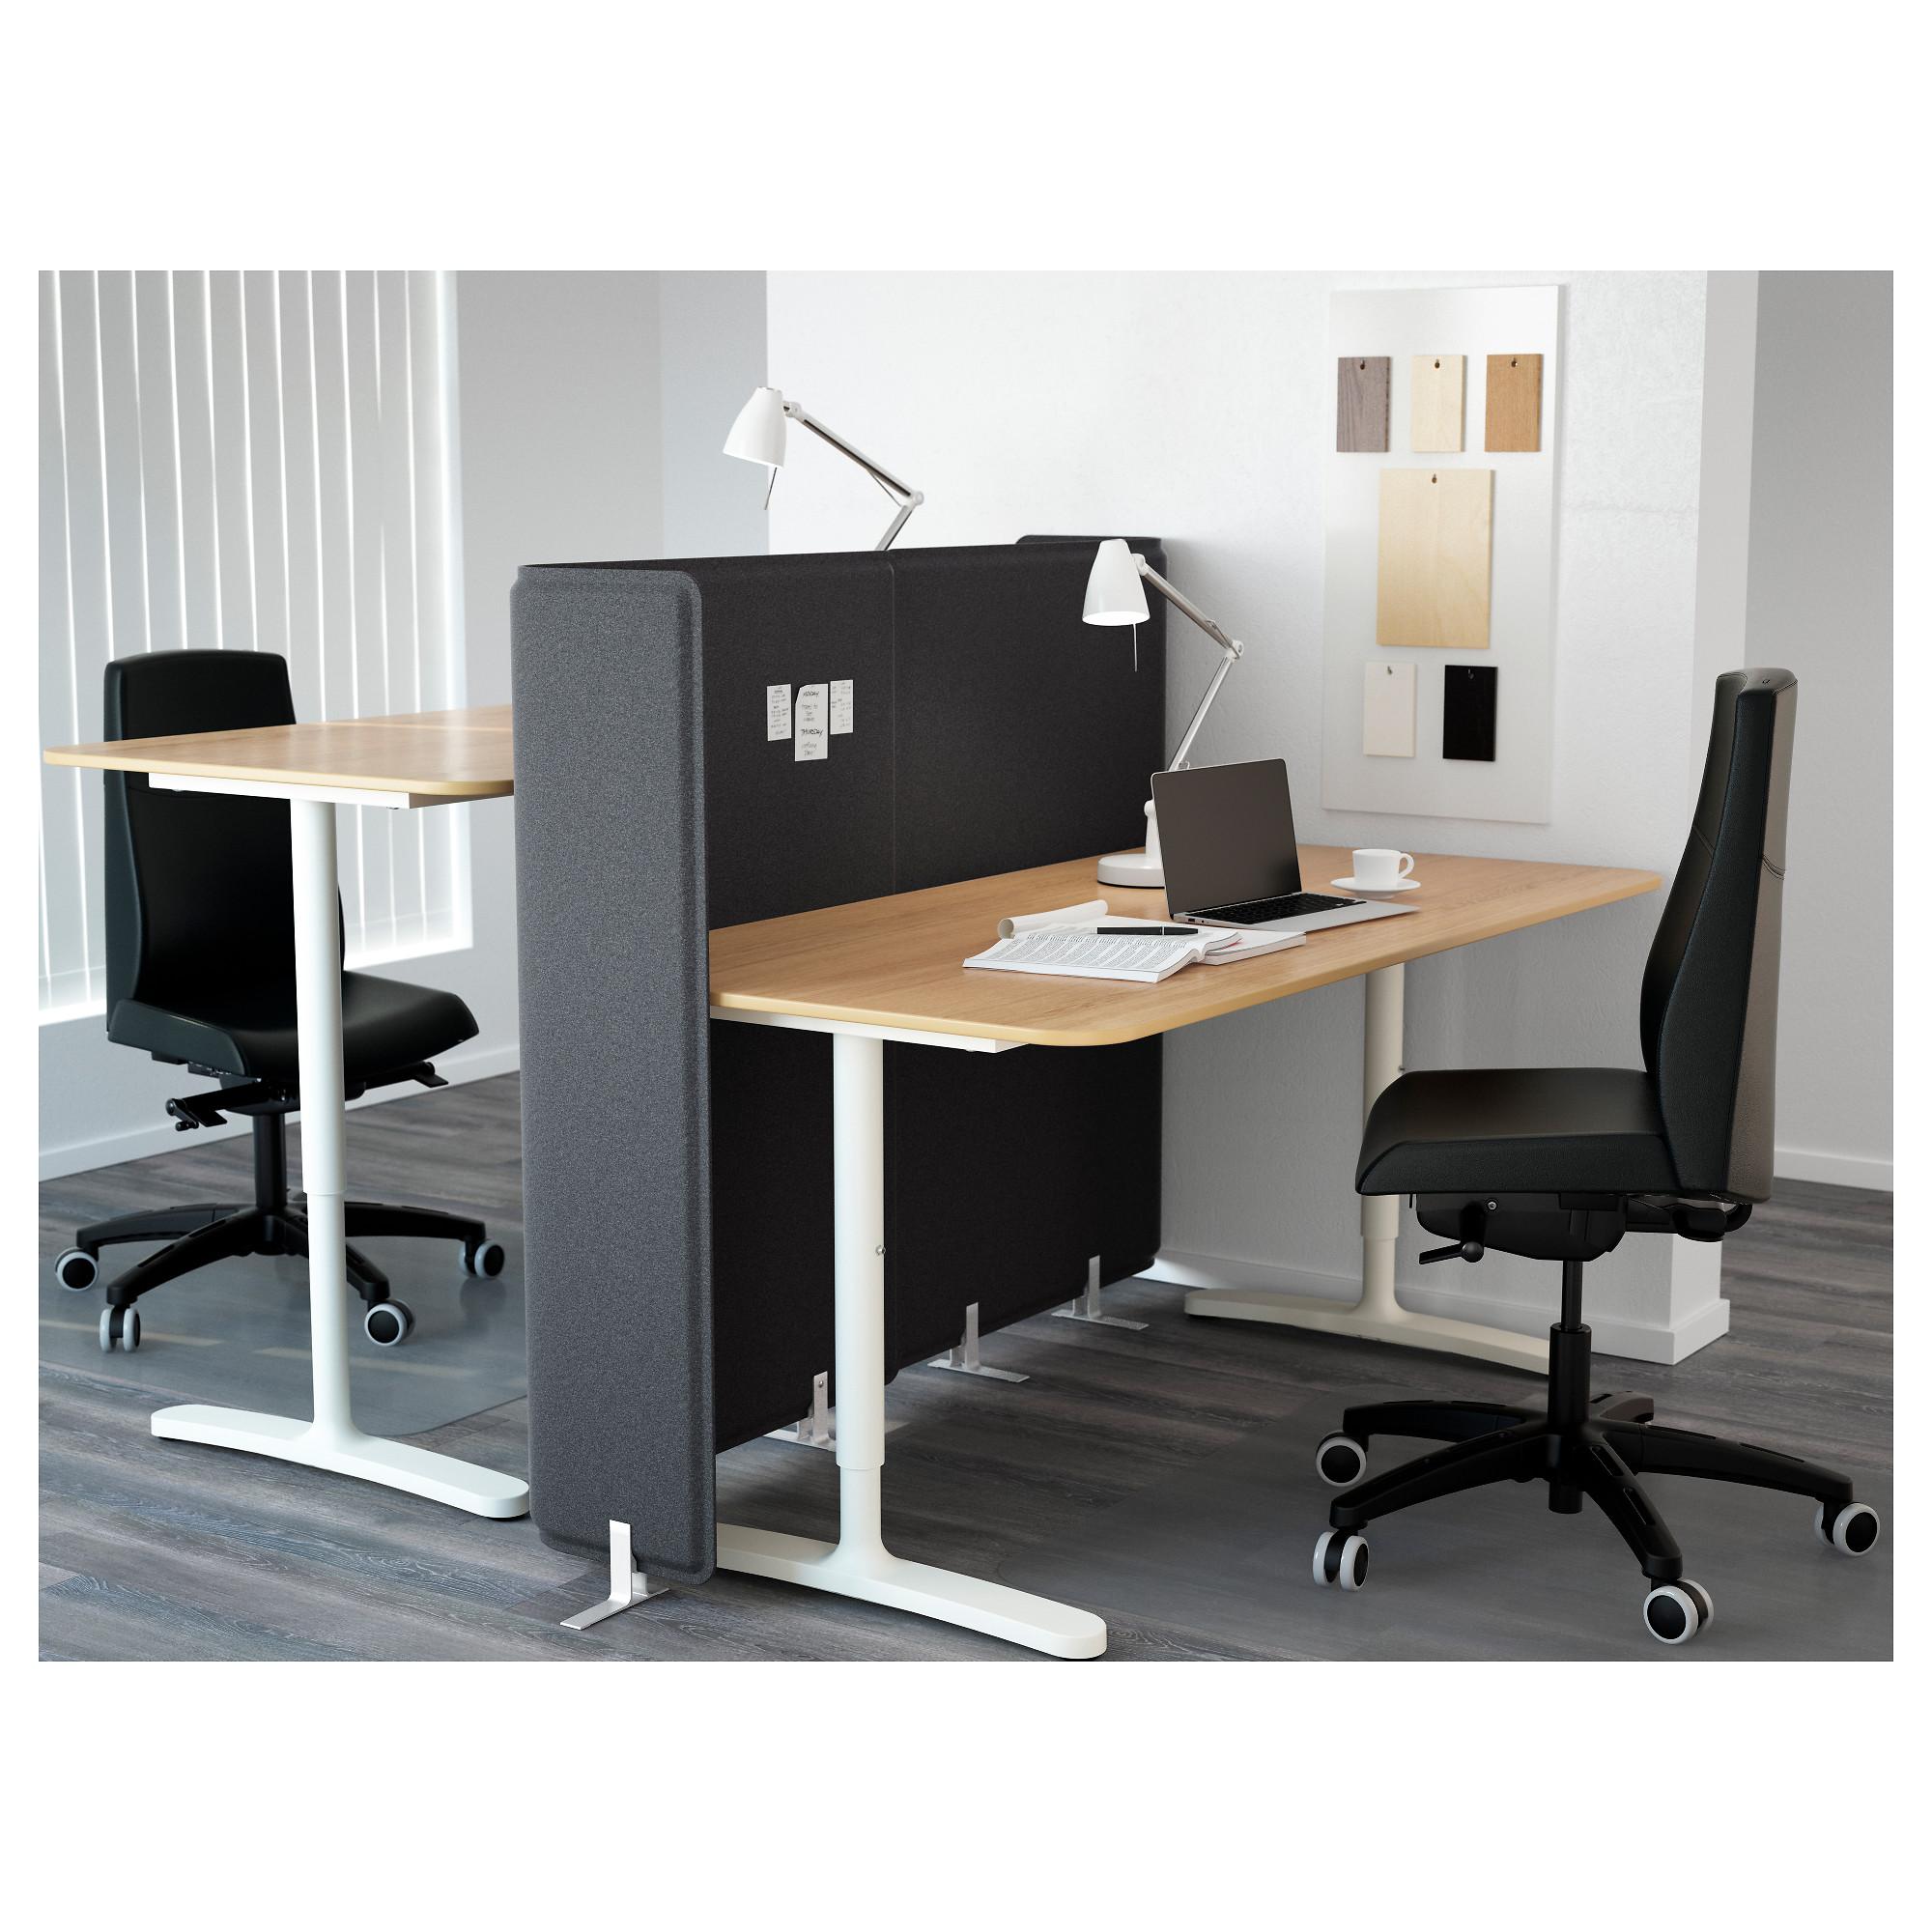 Стол с экраном БЕКАНТ белый артикуль № 892.786.45 в наличии. Интернет магазин IKEA Беларусь. Недорогая доставка и установка.